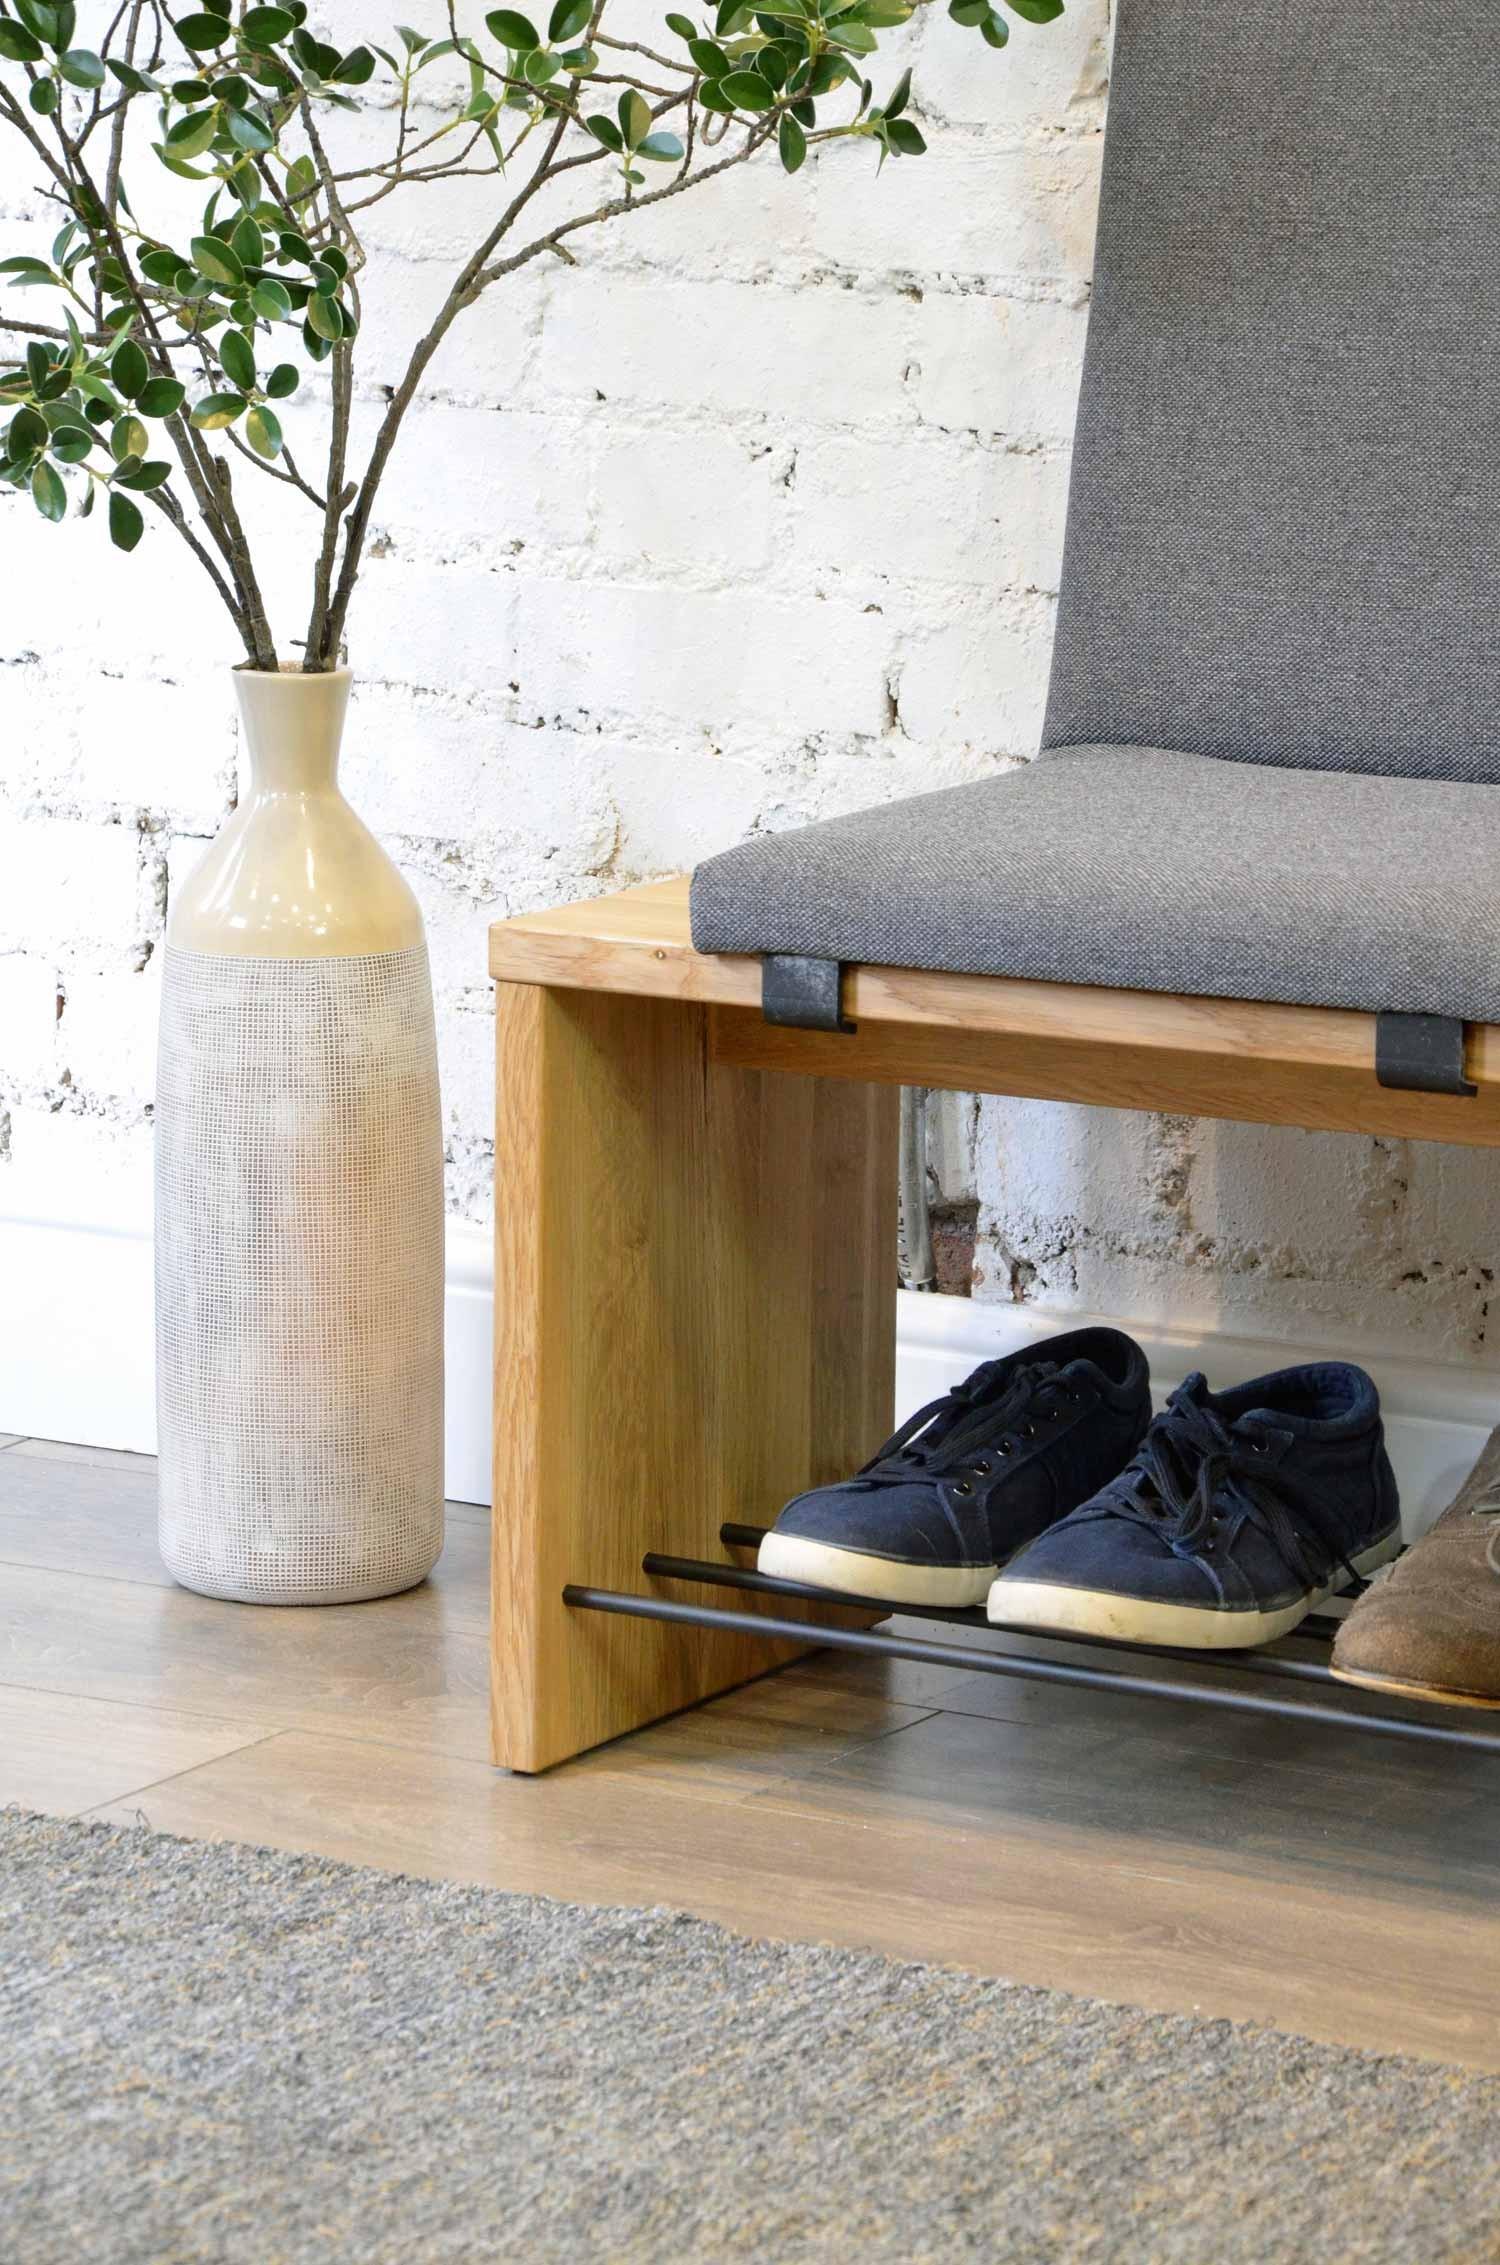 Vestibule Shoe Bench By Aif